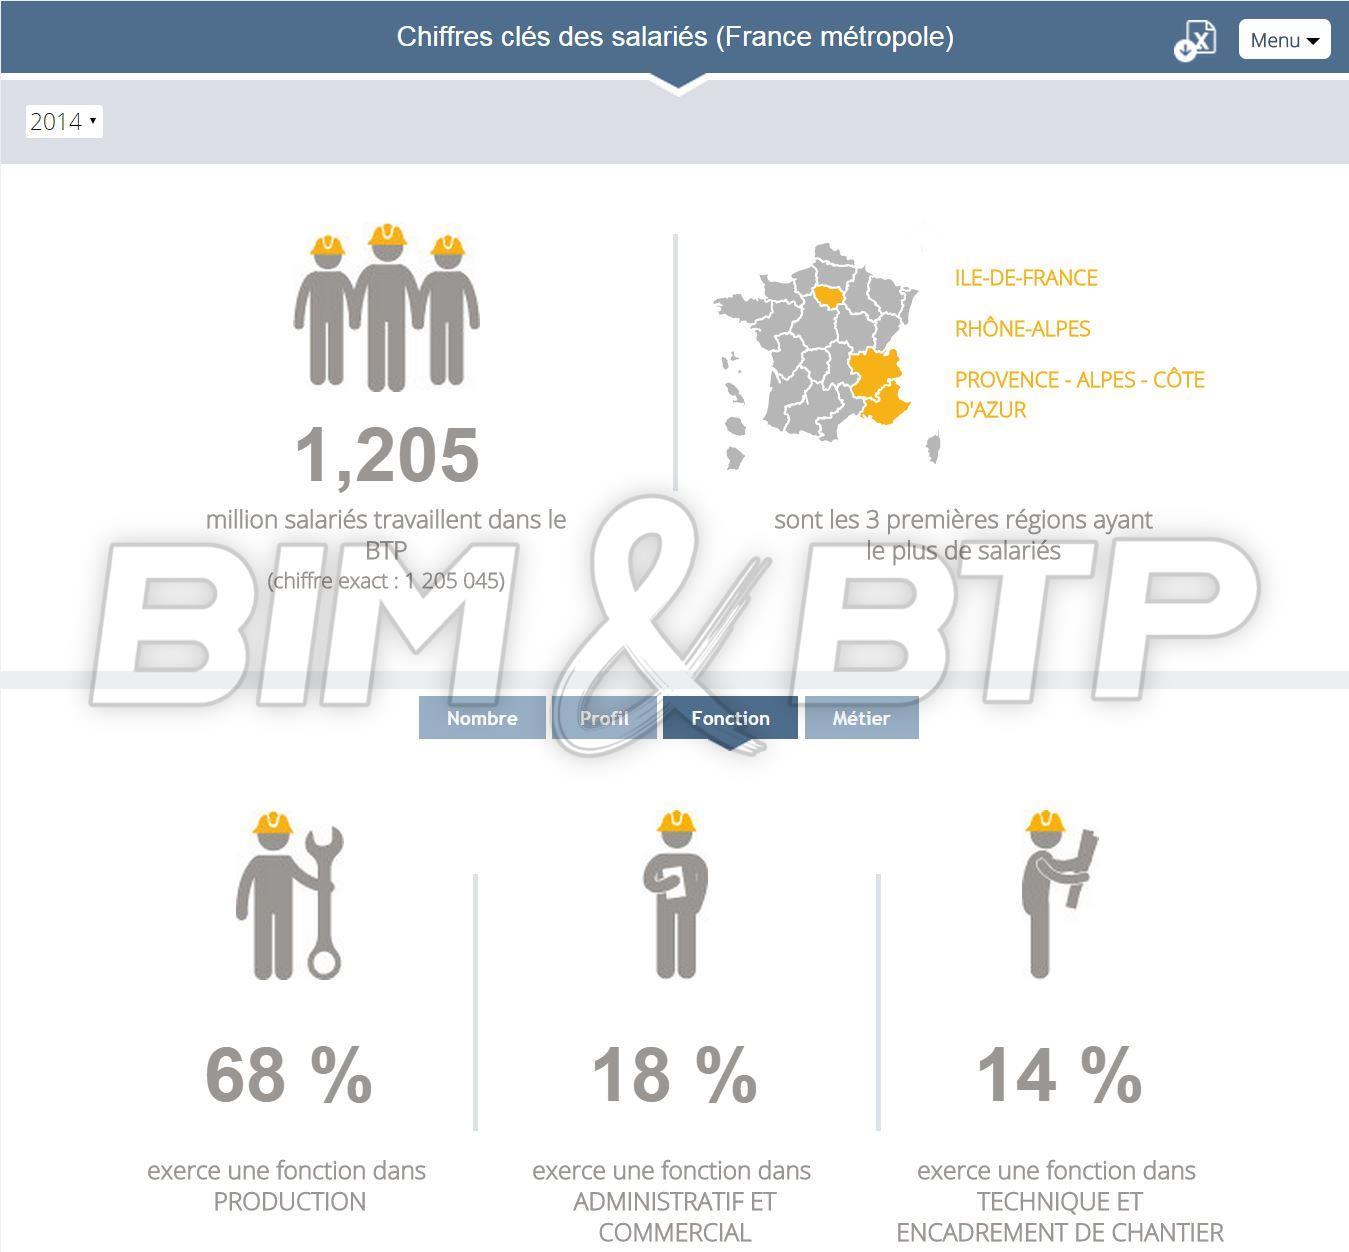 Les chiffres de l'emploi salarié dans le BTP